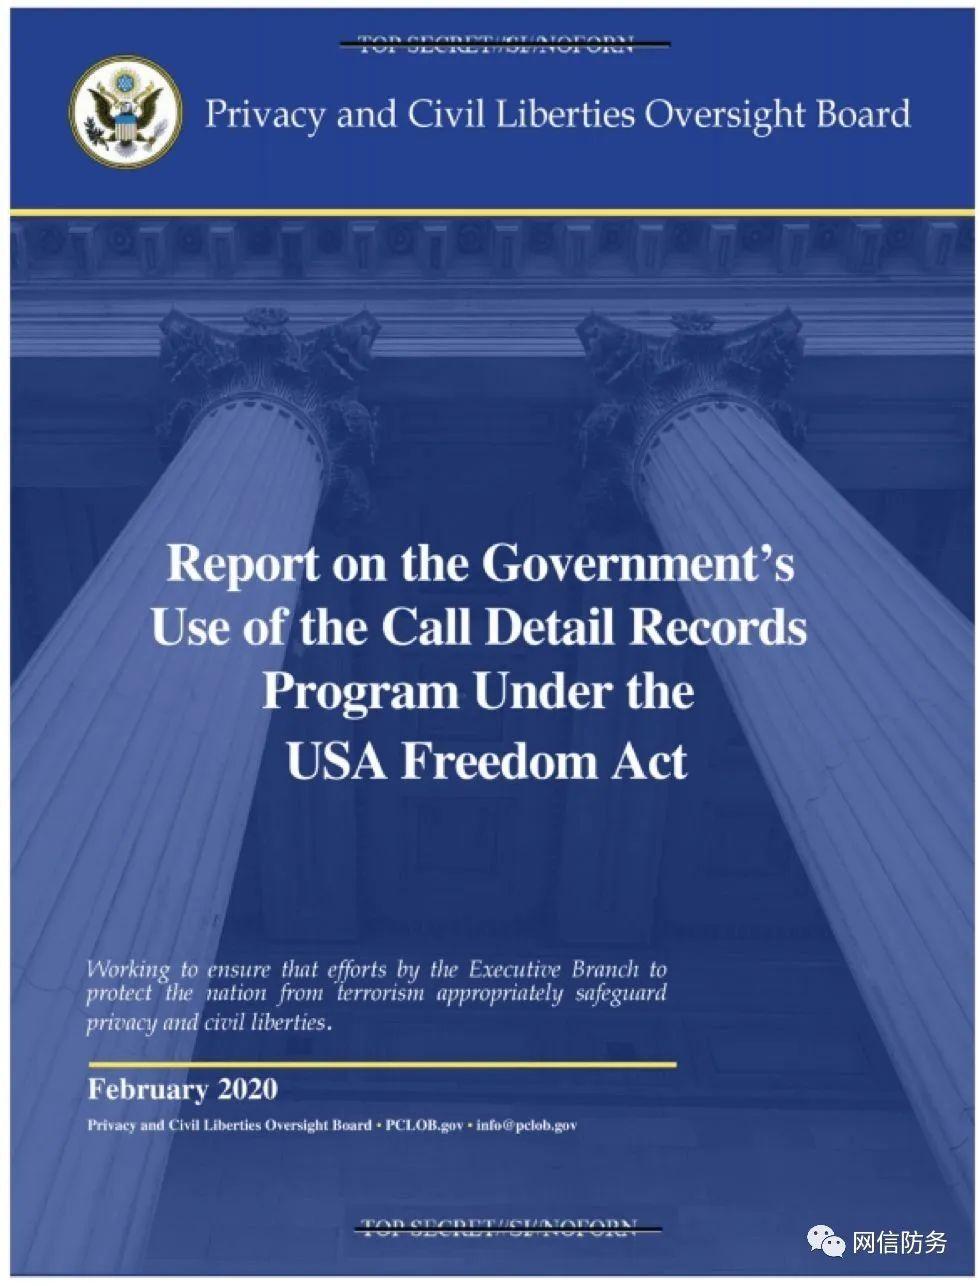 美国NSA五年投入一亿美元监听,仅获取有用两条线索